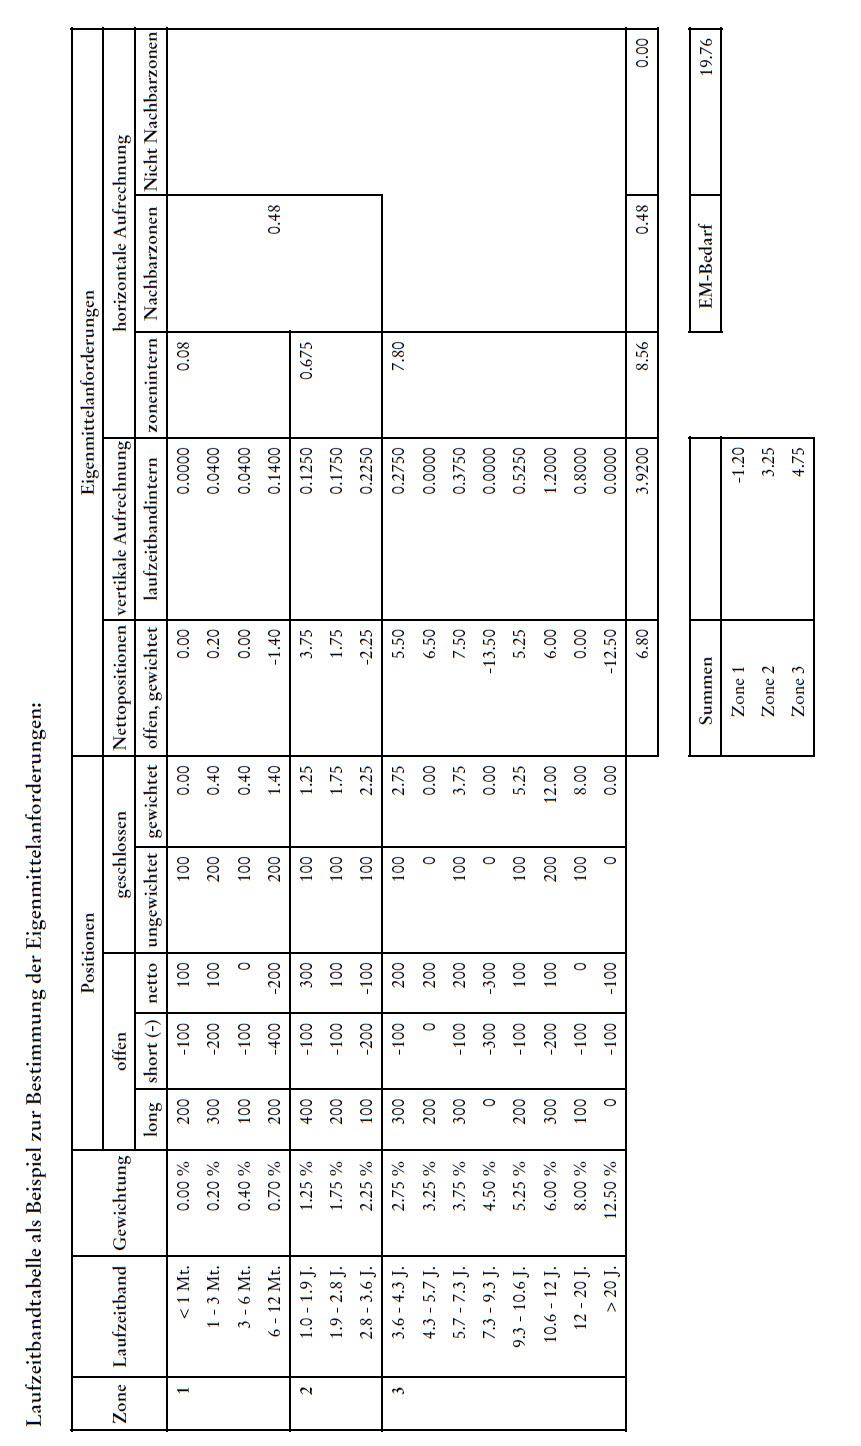 ERV | Lilex - Gesetzesdatenbank des Fürstentum Liechtenstein